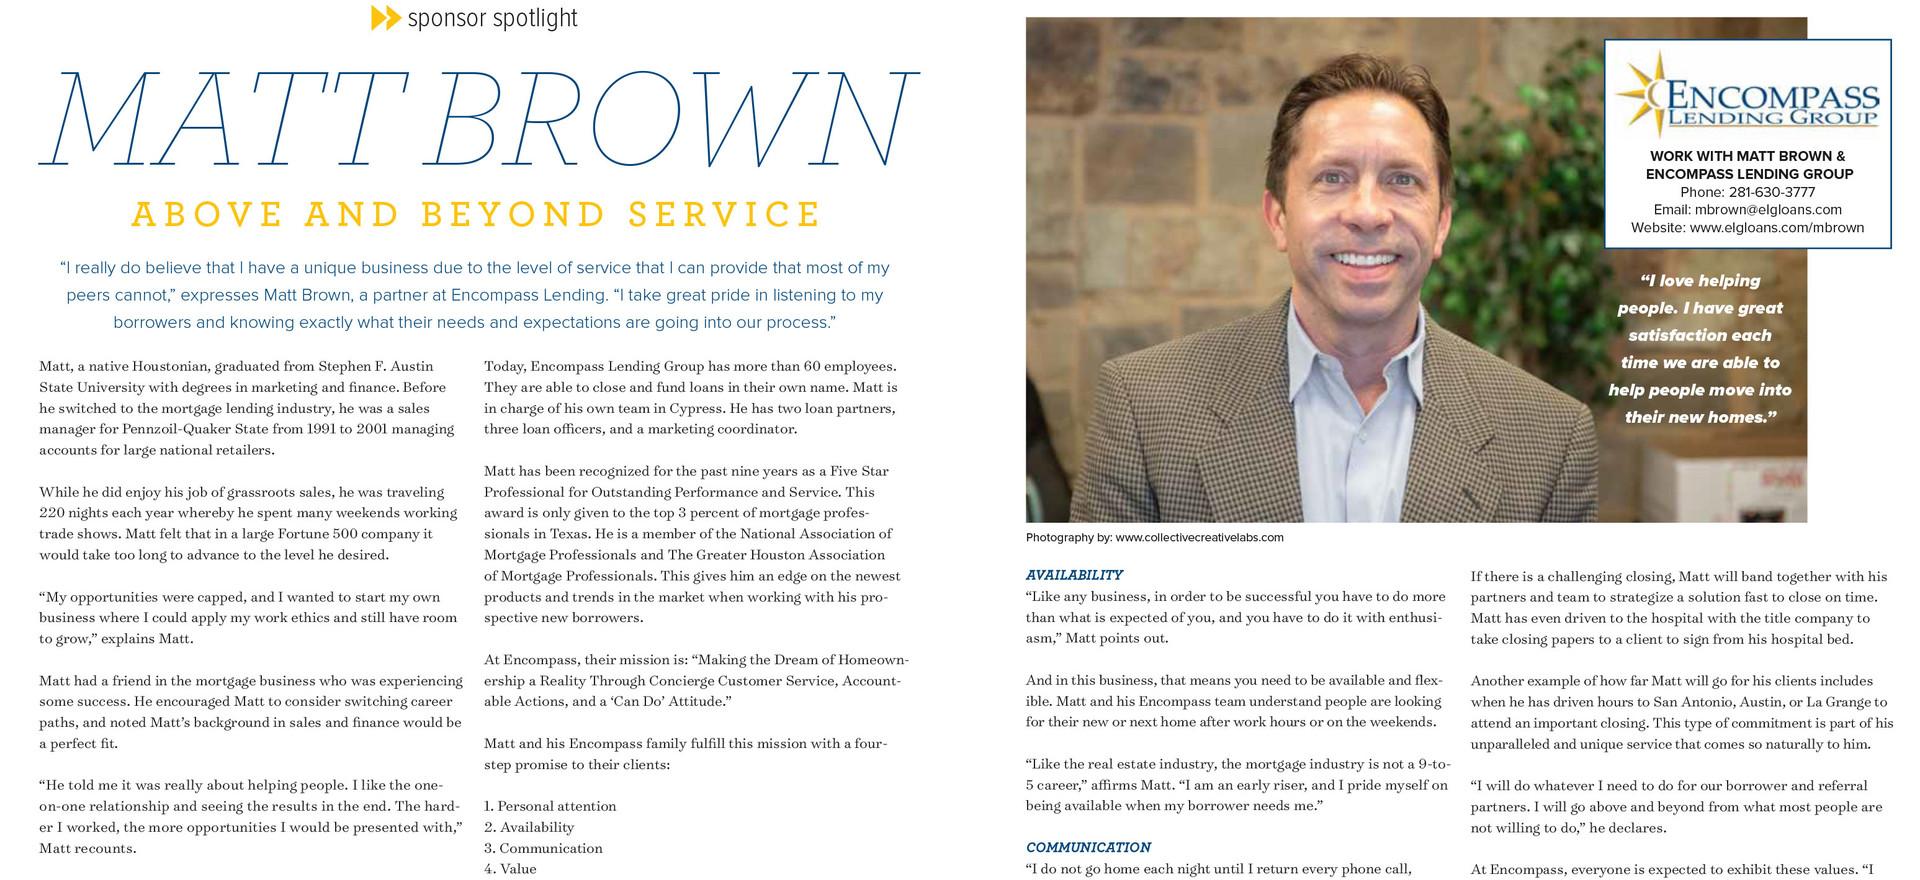 Advertisement Feature: Matt Brown, Encompass Lending